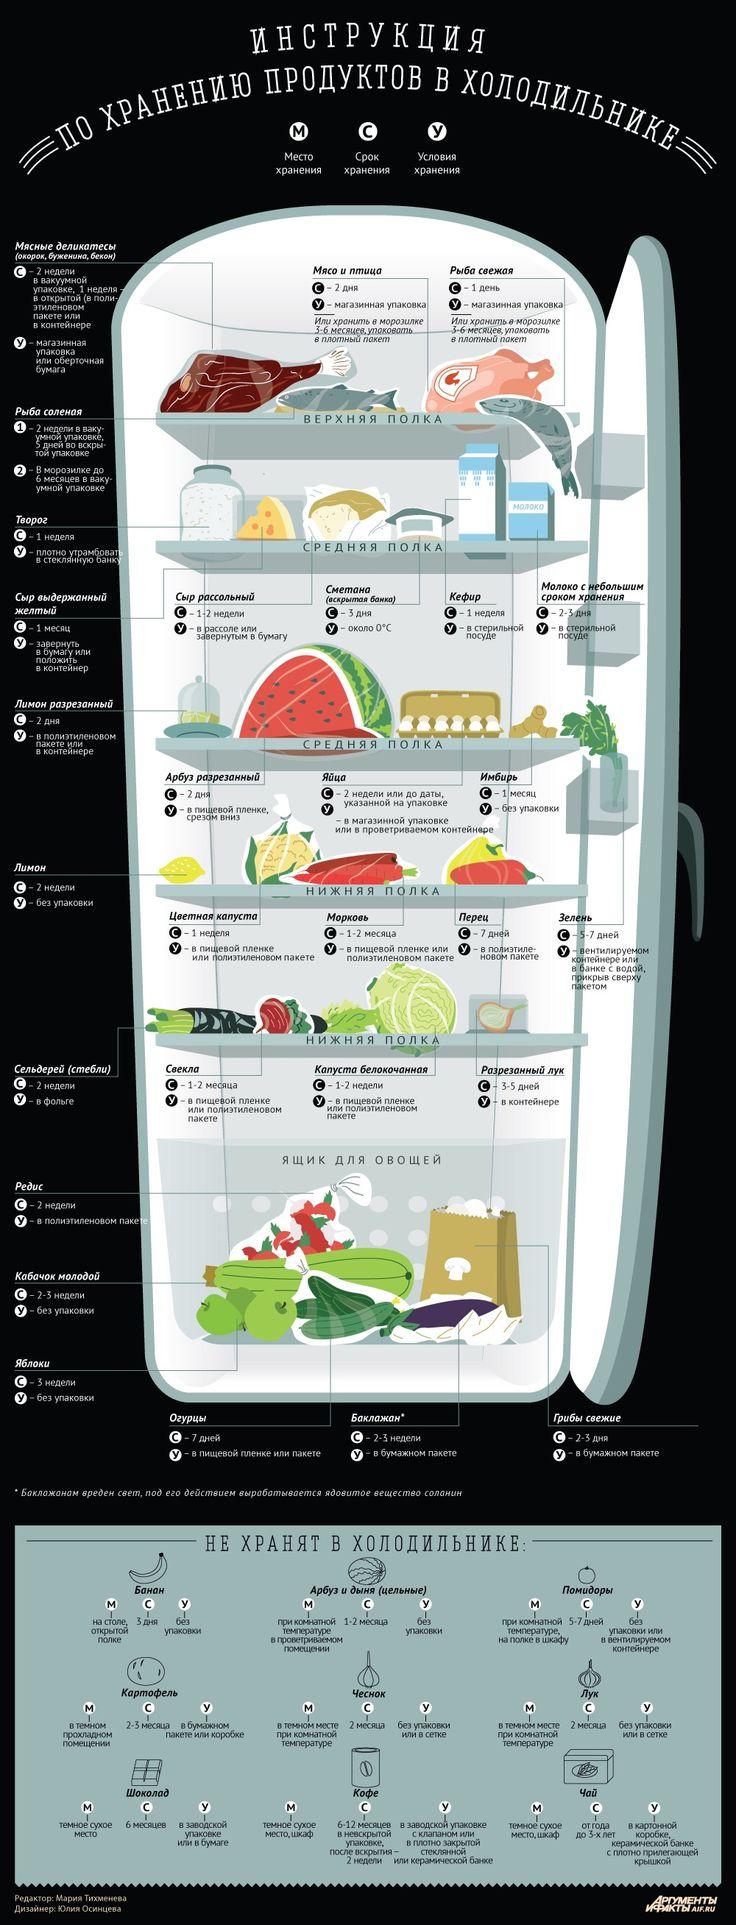 Как правильно хранить продукты в холодильнике!🍅🍆🍓